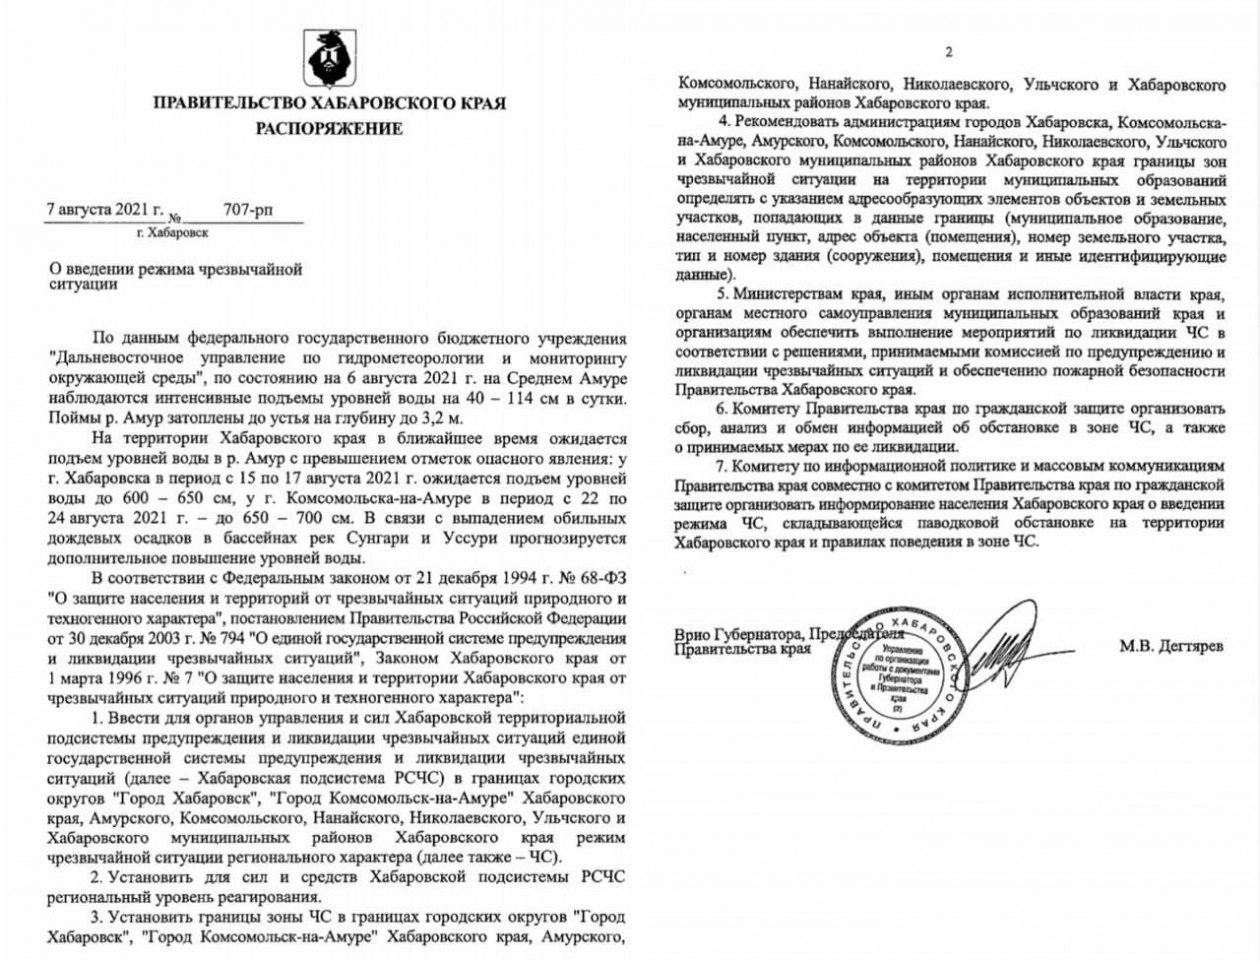 Режим ЧС введен в Хабаровском крае